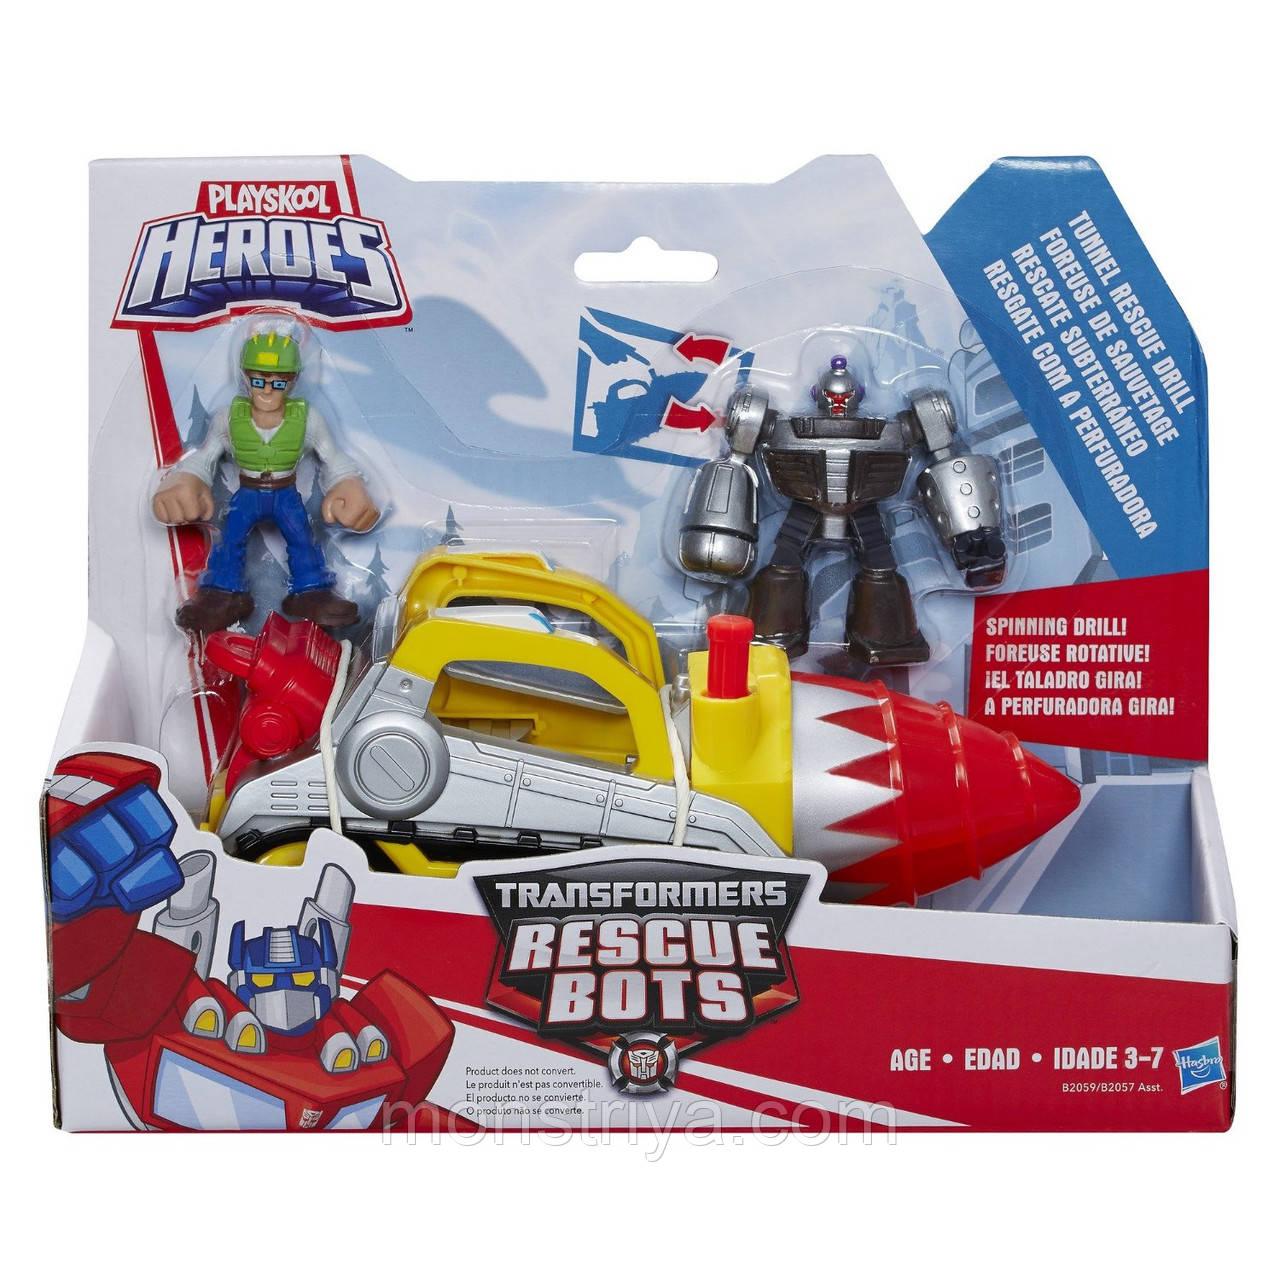 Игровой набор Подземный бур Боты-спасатели. Playskool Heroes Transformers Rescue Bots Tunnel Rescue Drill Set